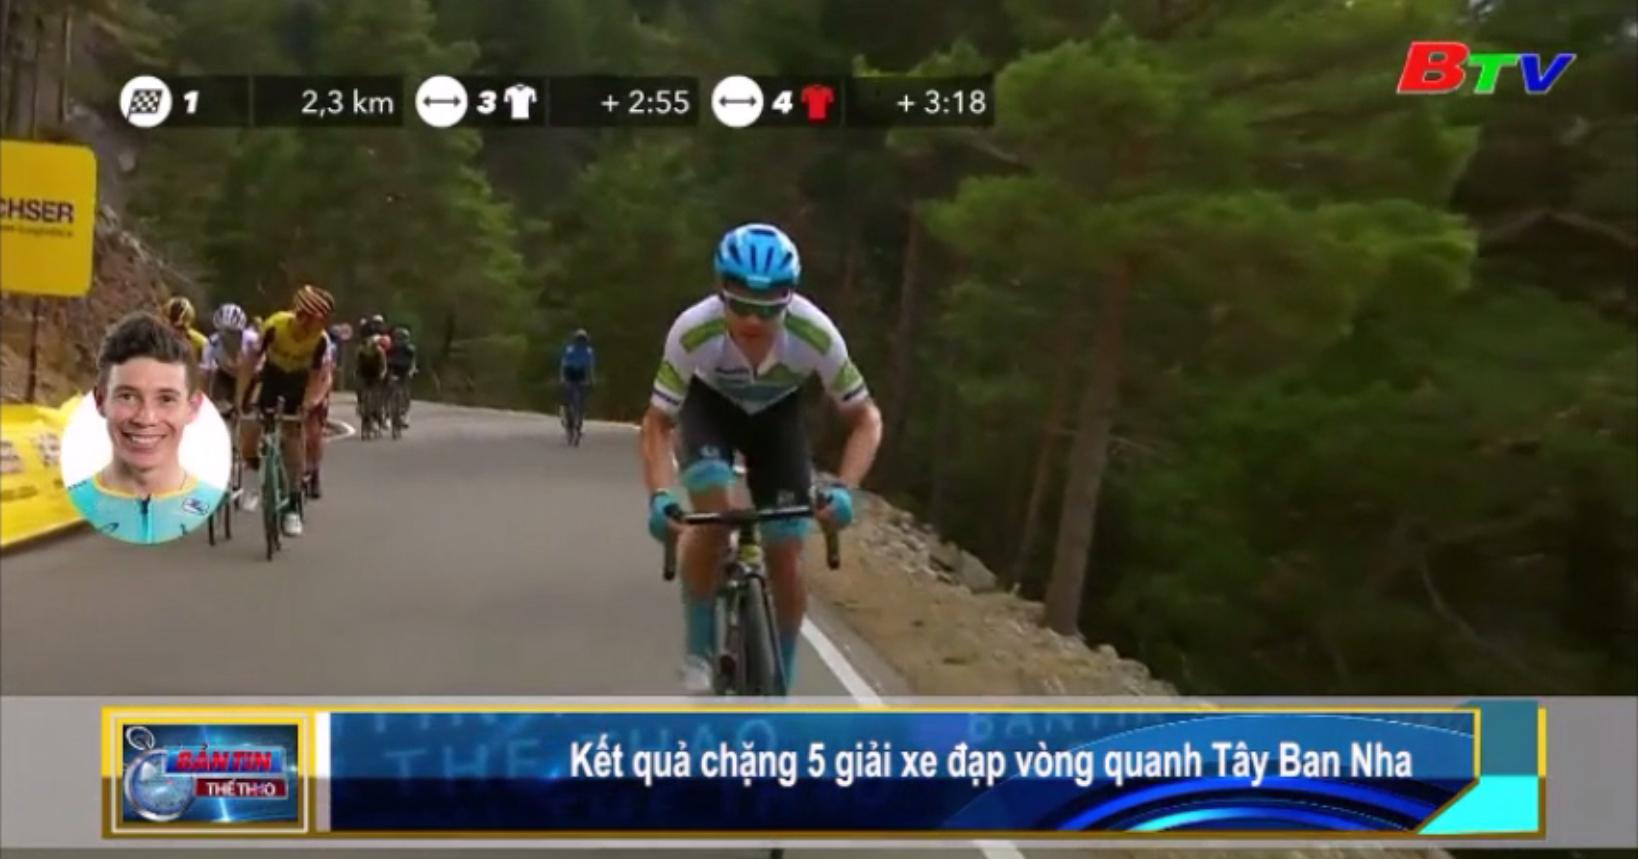 Kết quả chặng 5 Giải đua xe đạp vòng quanh Tây Ban Nha năm 2019